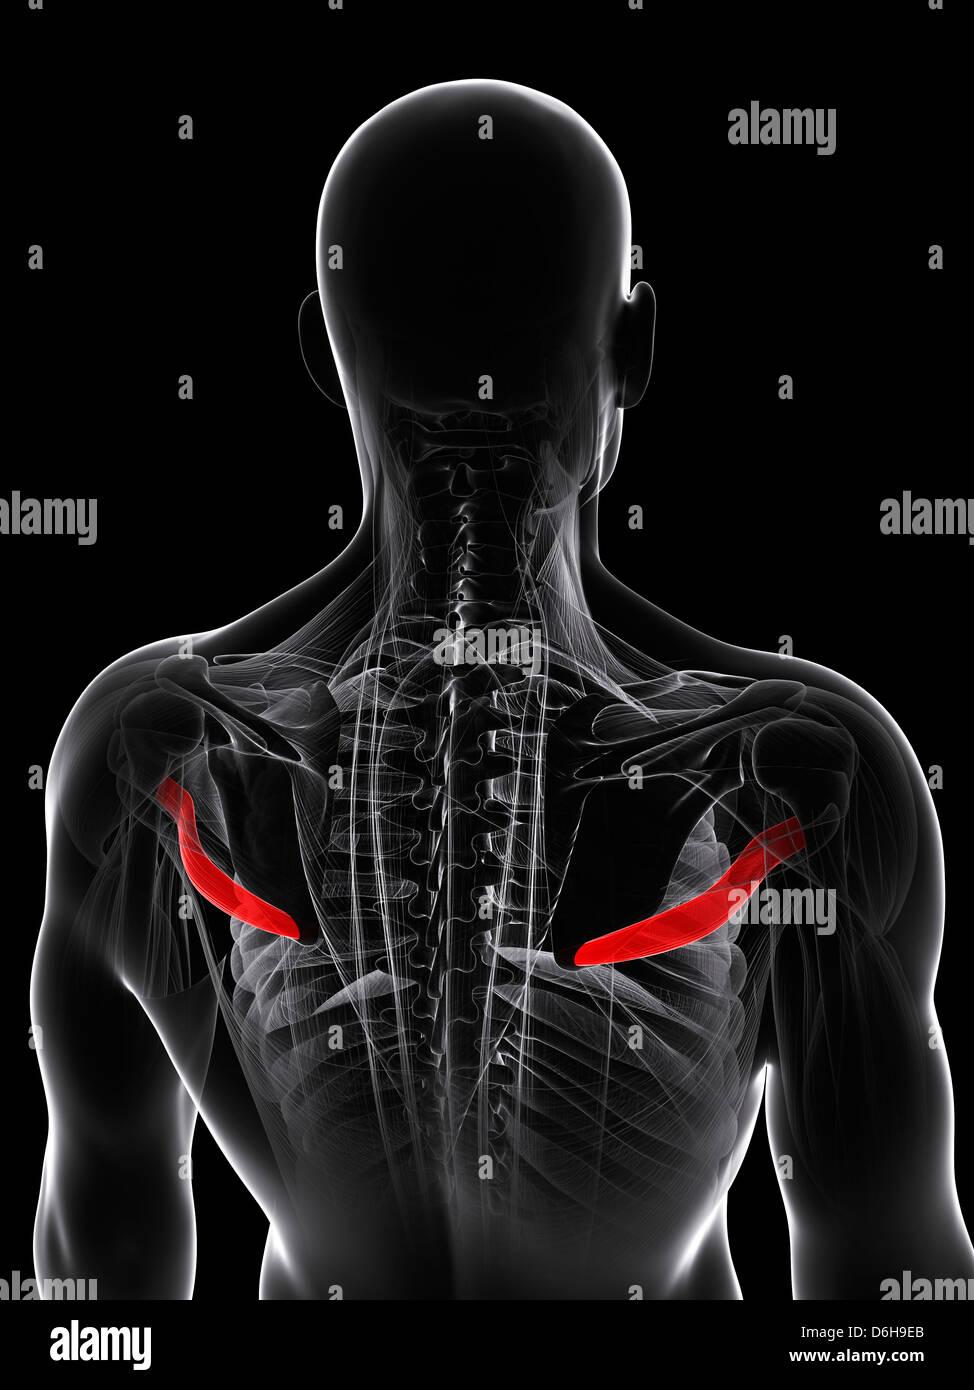 Tolle Rückenmuskel Bilder Fotos - Physiologie Von Menschlichen ...